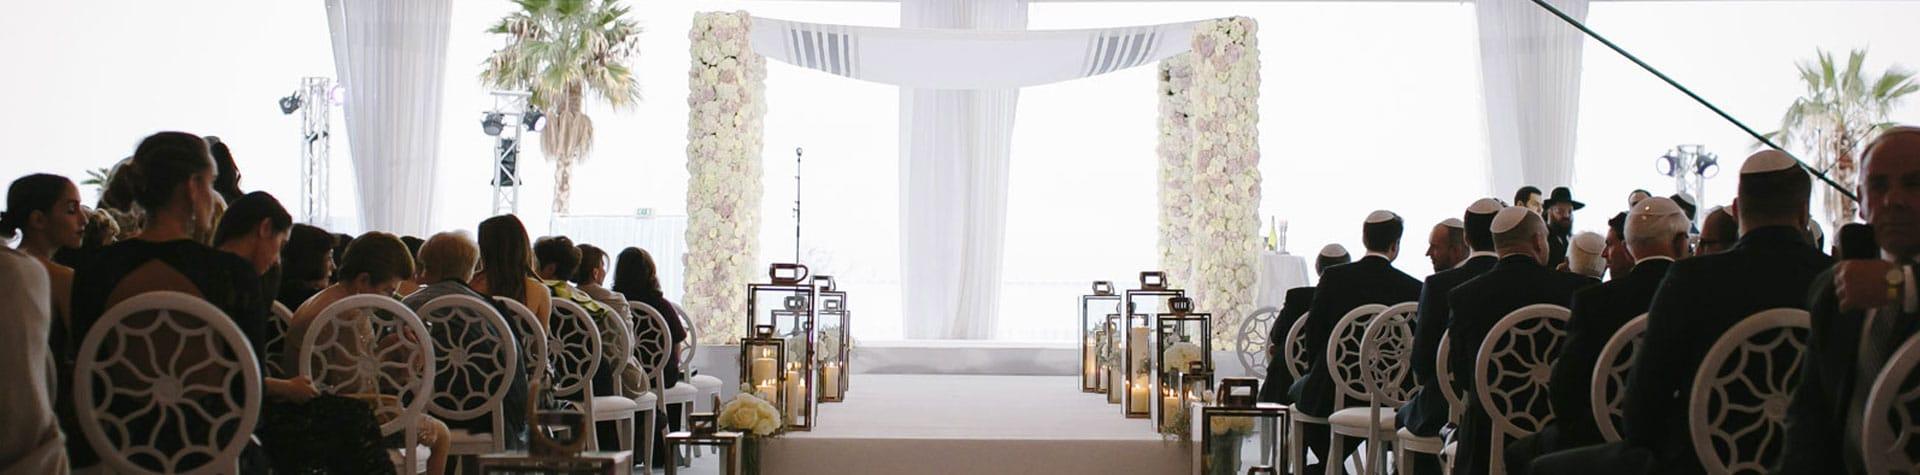 pourquoi choisir un organisateur de mariage a choisir. Black Bedroom Furniture Sets. Home Design Ideas